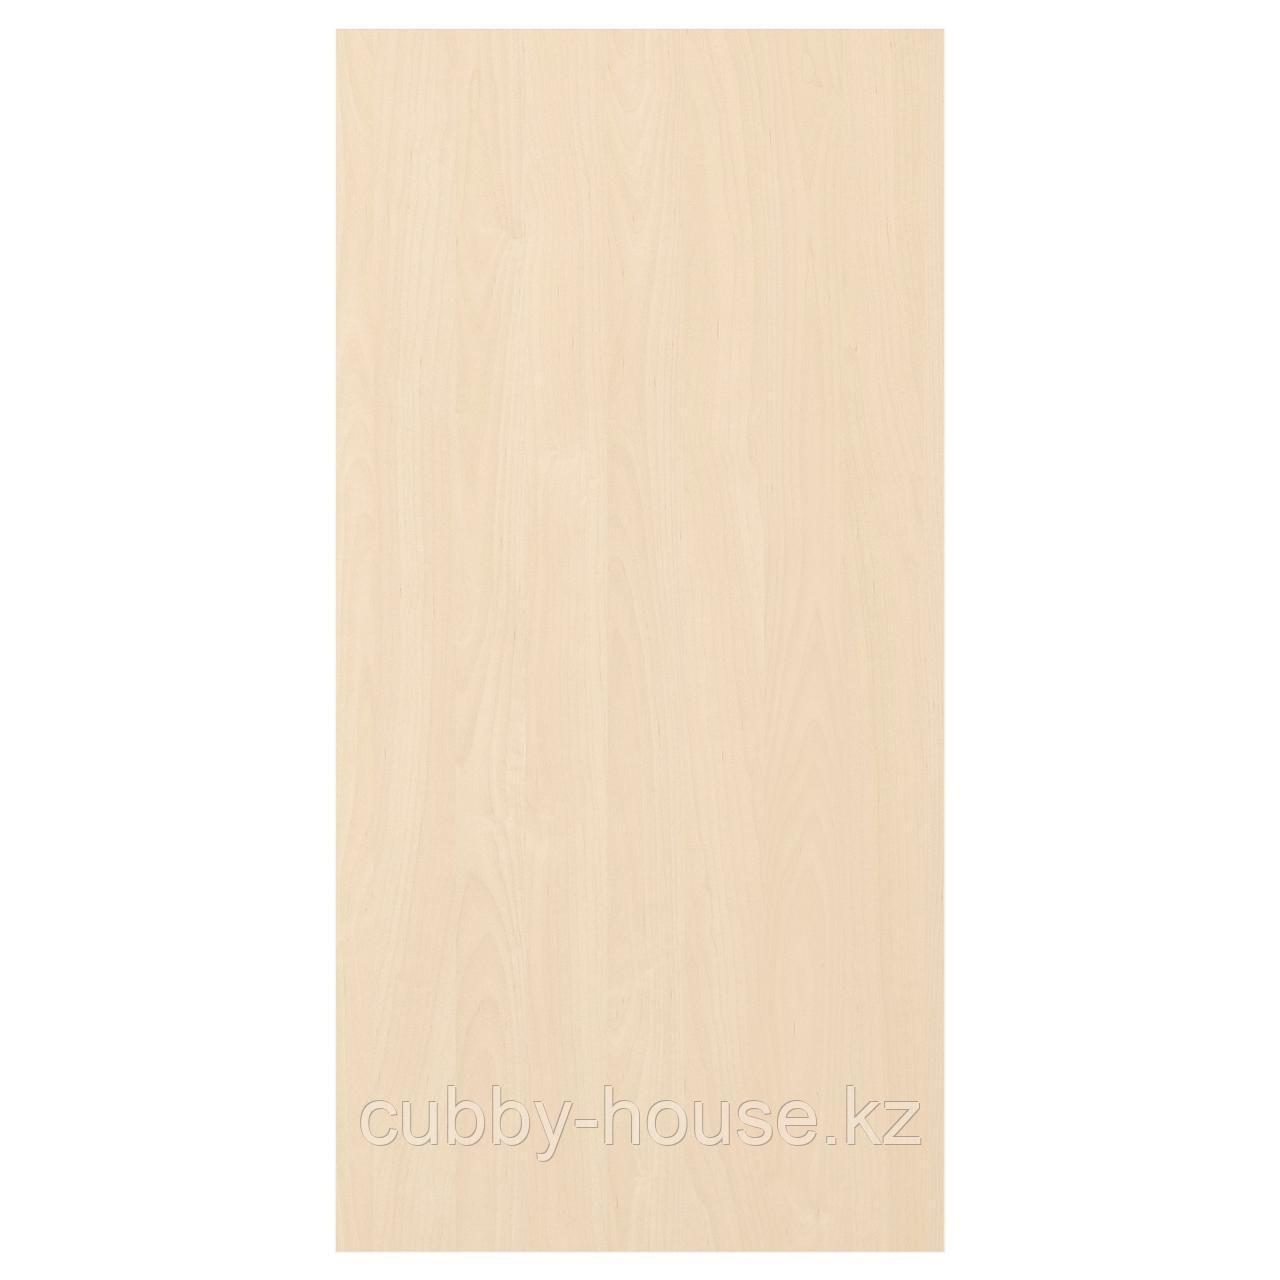 СКРОВА Дверь, береза, 60x60 см